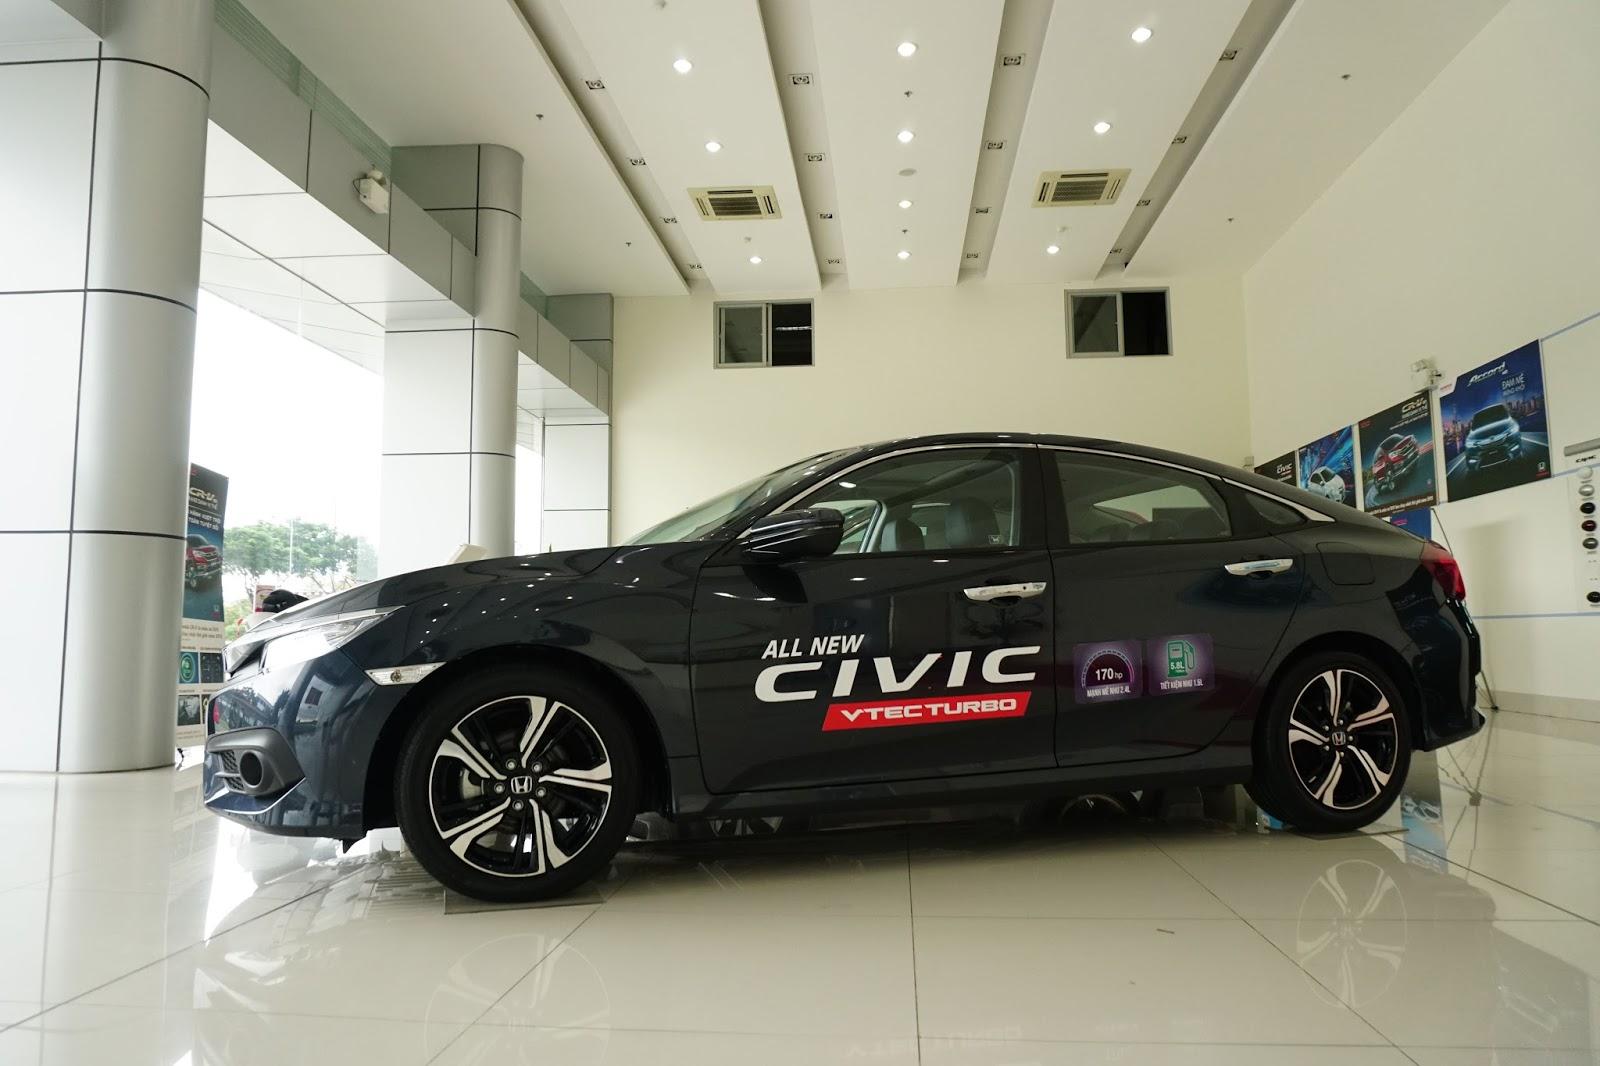 Đây là chiếc Honda Civic 2016 đầu tiên tại miền nam thời điểm hiện tại